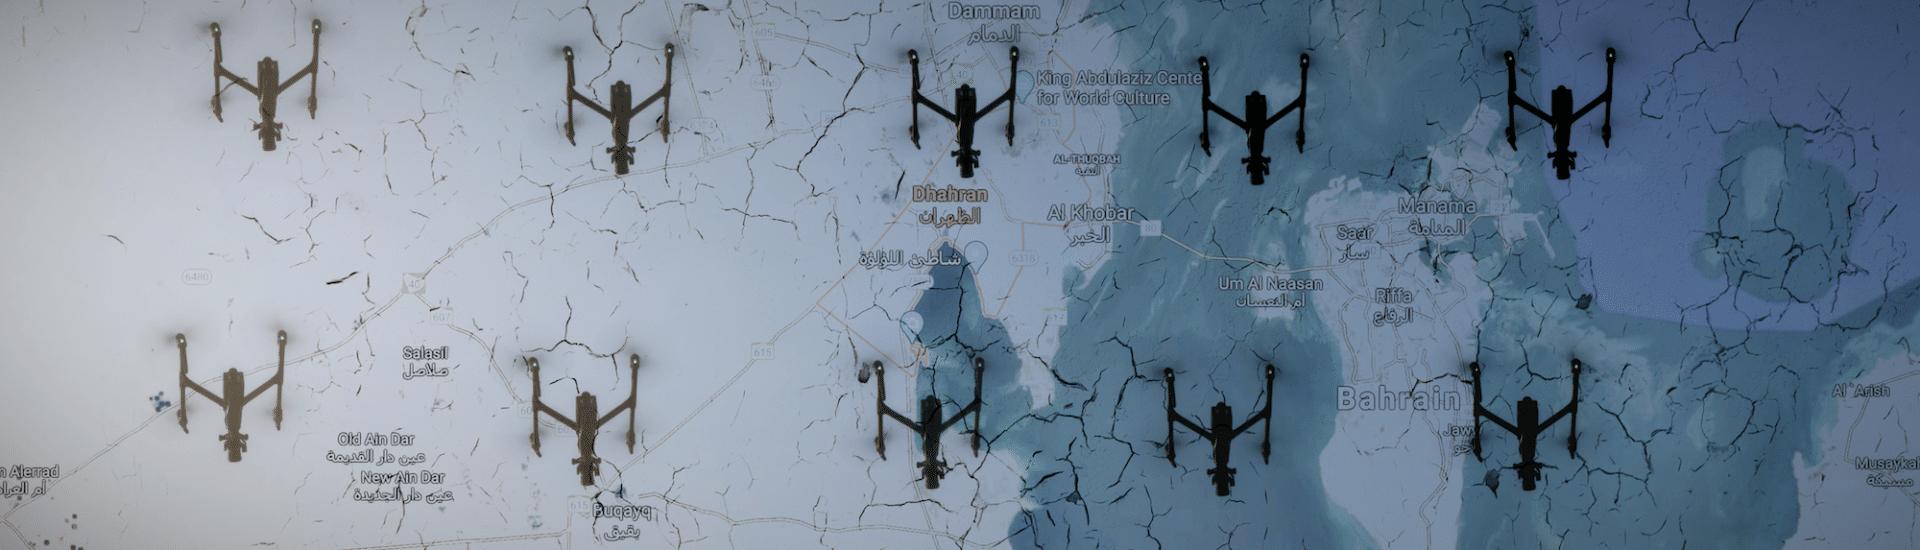 drones and defense